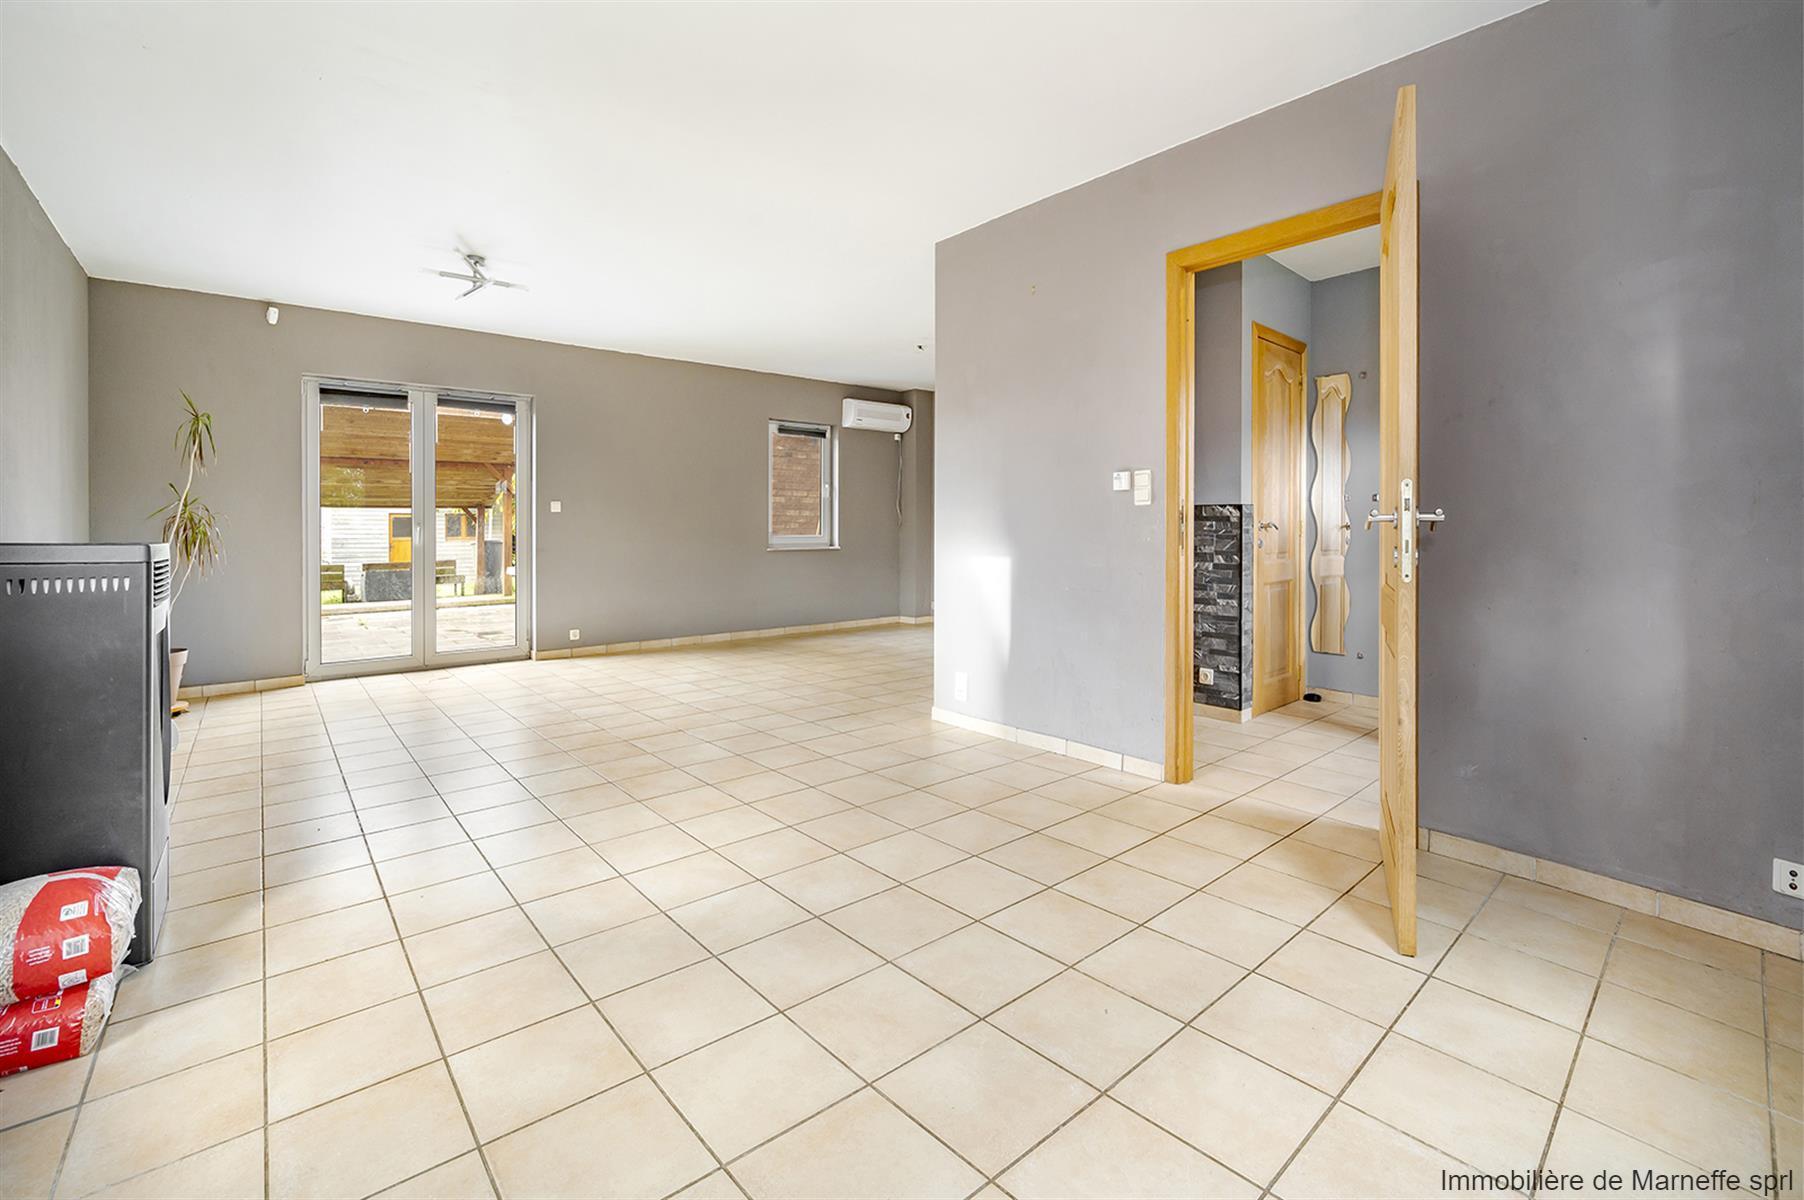 Maison - Villers-le-Bouillet - #4191827-7